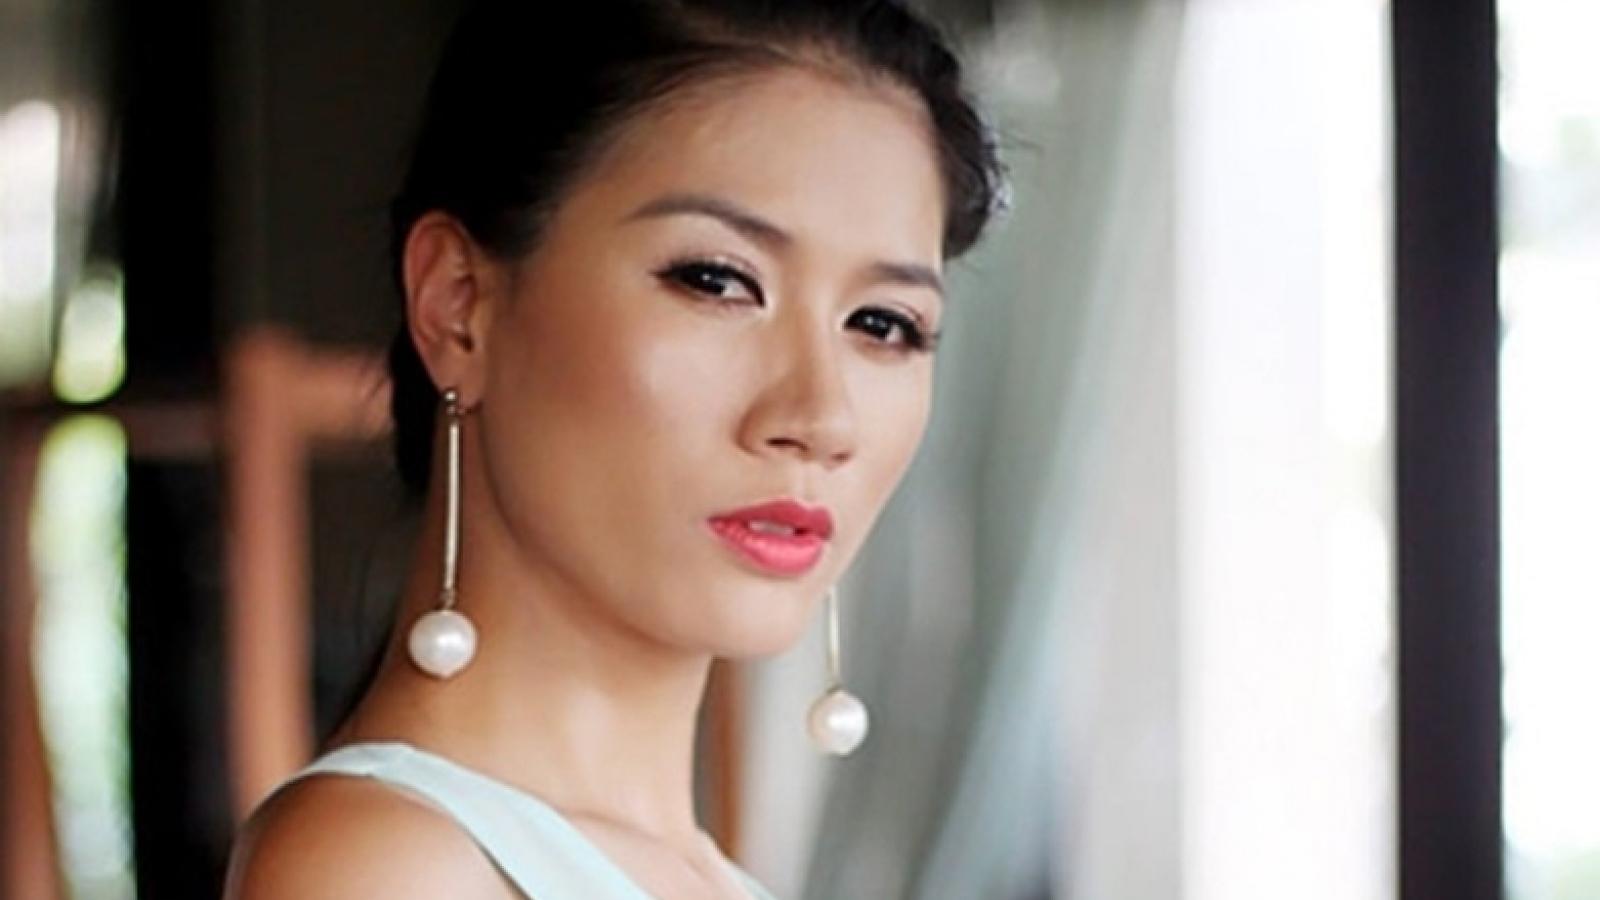 Cựu người mẫu Trang Trần bị phạt 7,5 triệu đồng vì phát ngôn phản cảm trên mạng xã hội